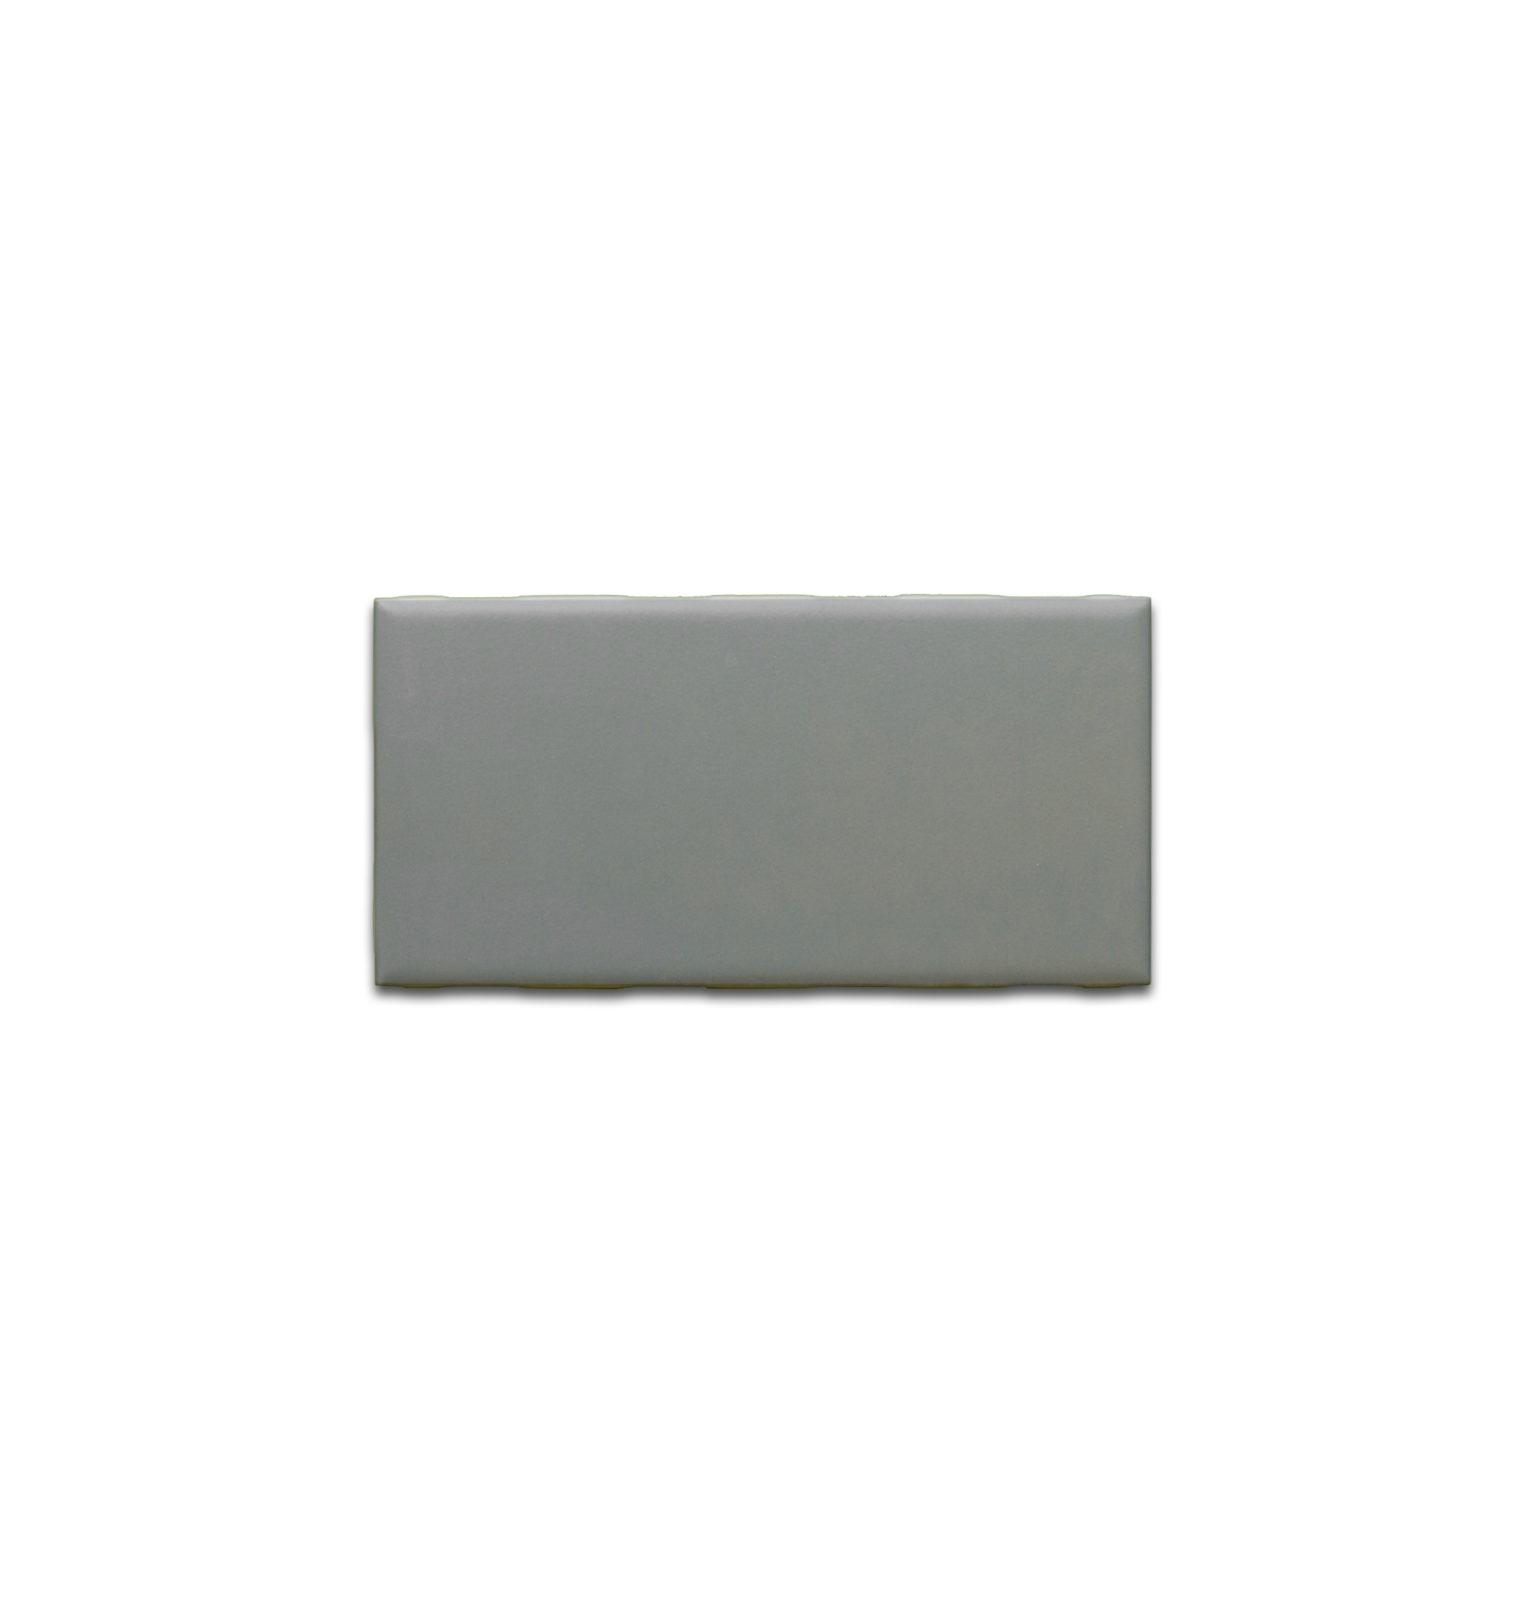 Roca Tile Matte Taupe 3 X 6 Subway Tile Schillings